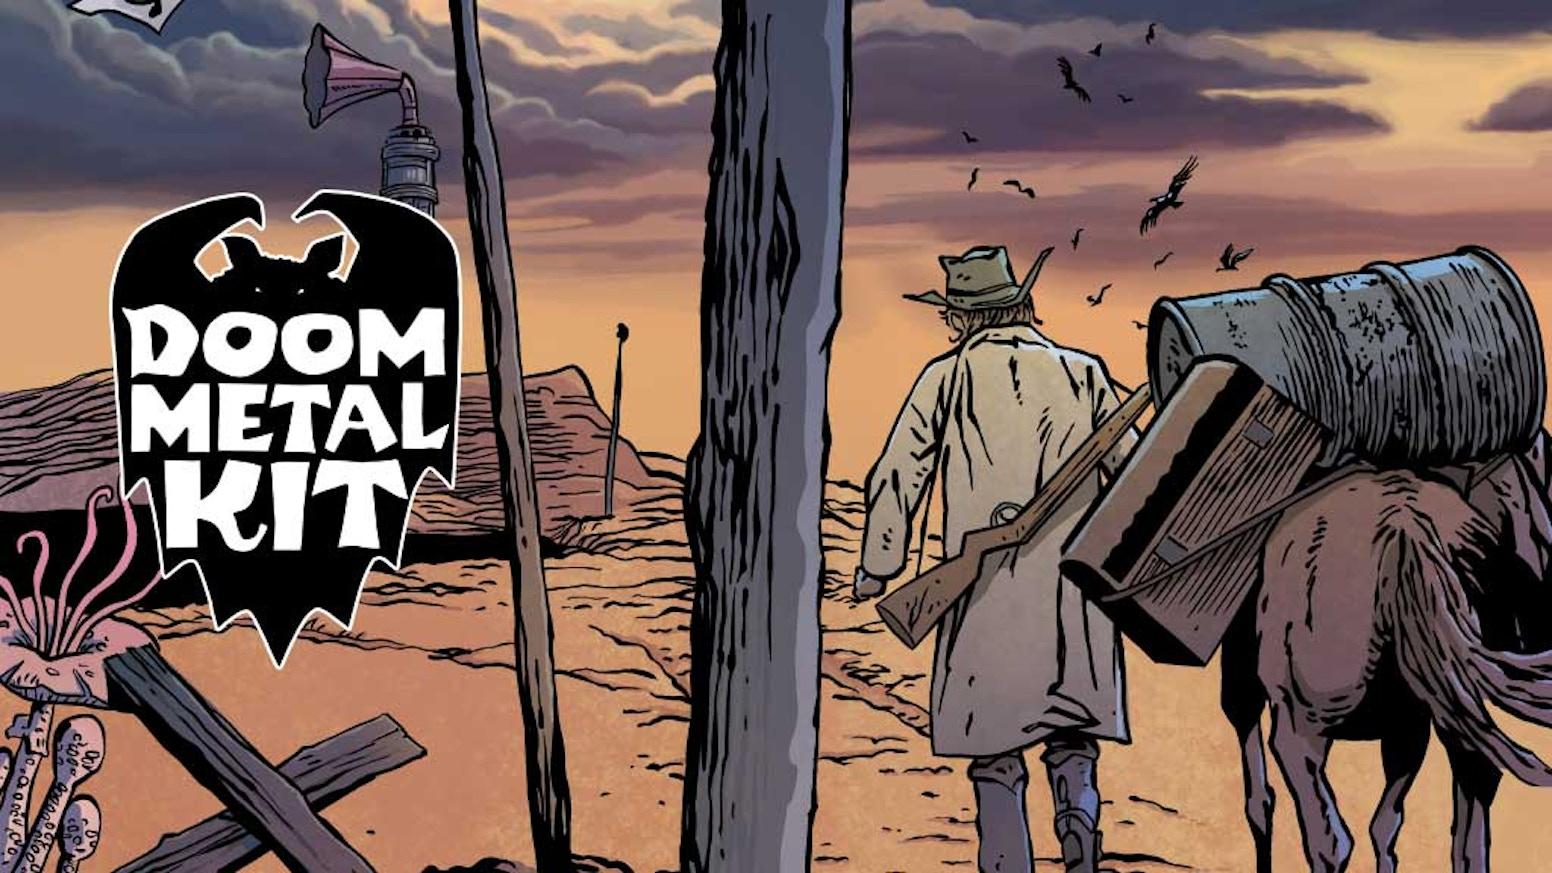 Magische Monster-Comics - Doom Metal Kit ist Außendienst-Techniker für okkulte Maschinen und hat seine Finger täglich in der Hölle ...